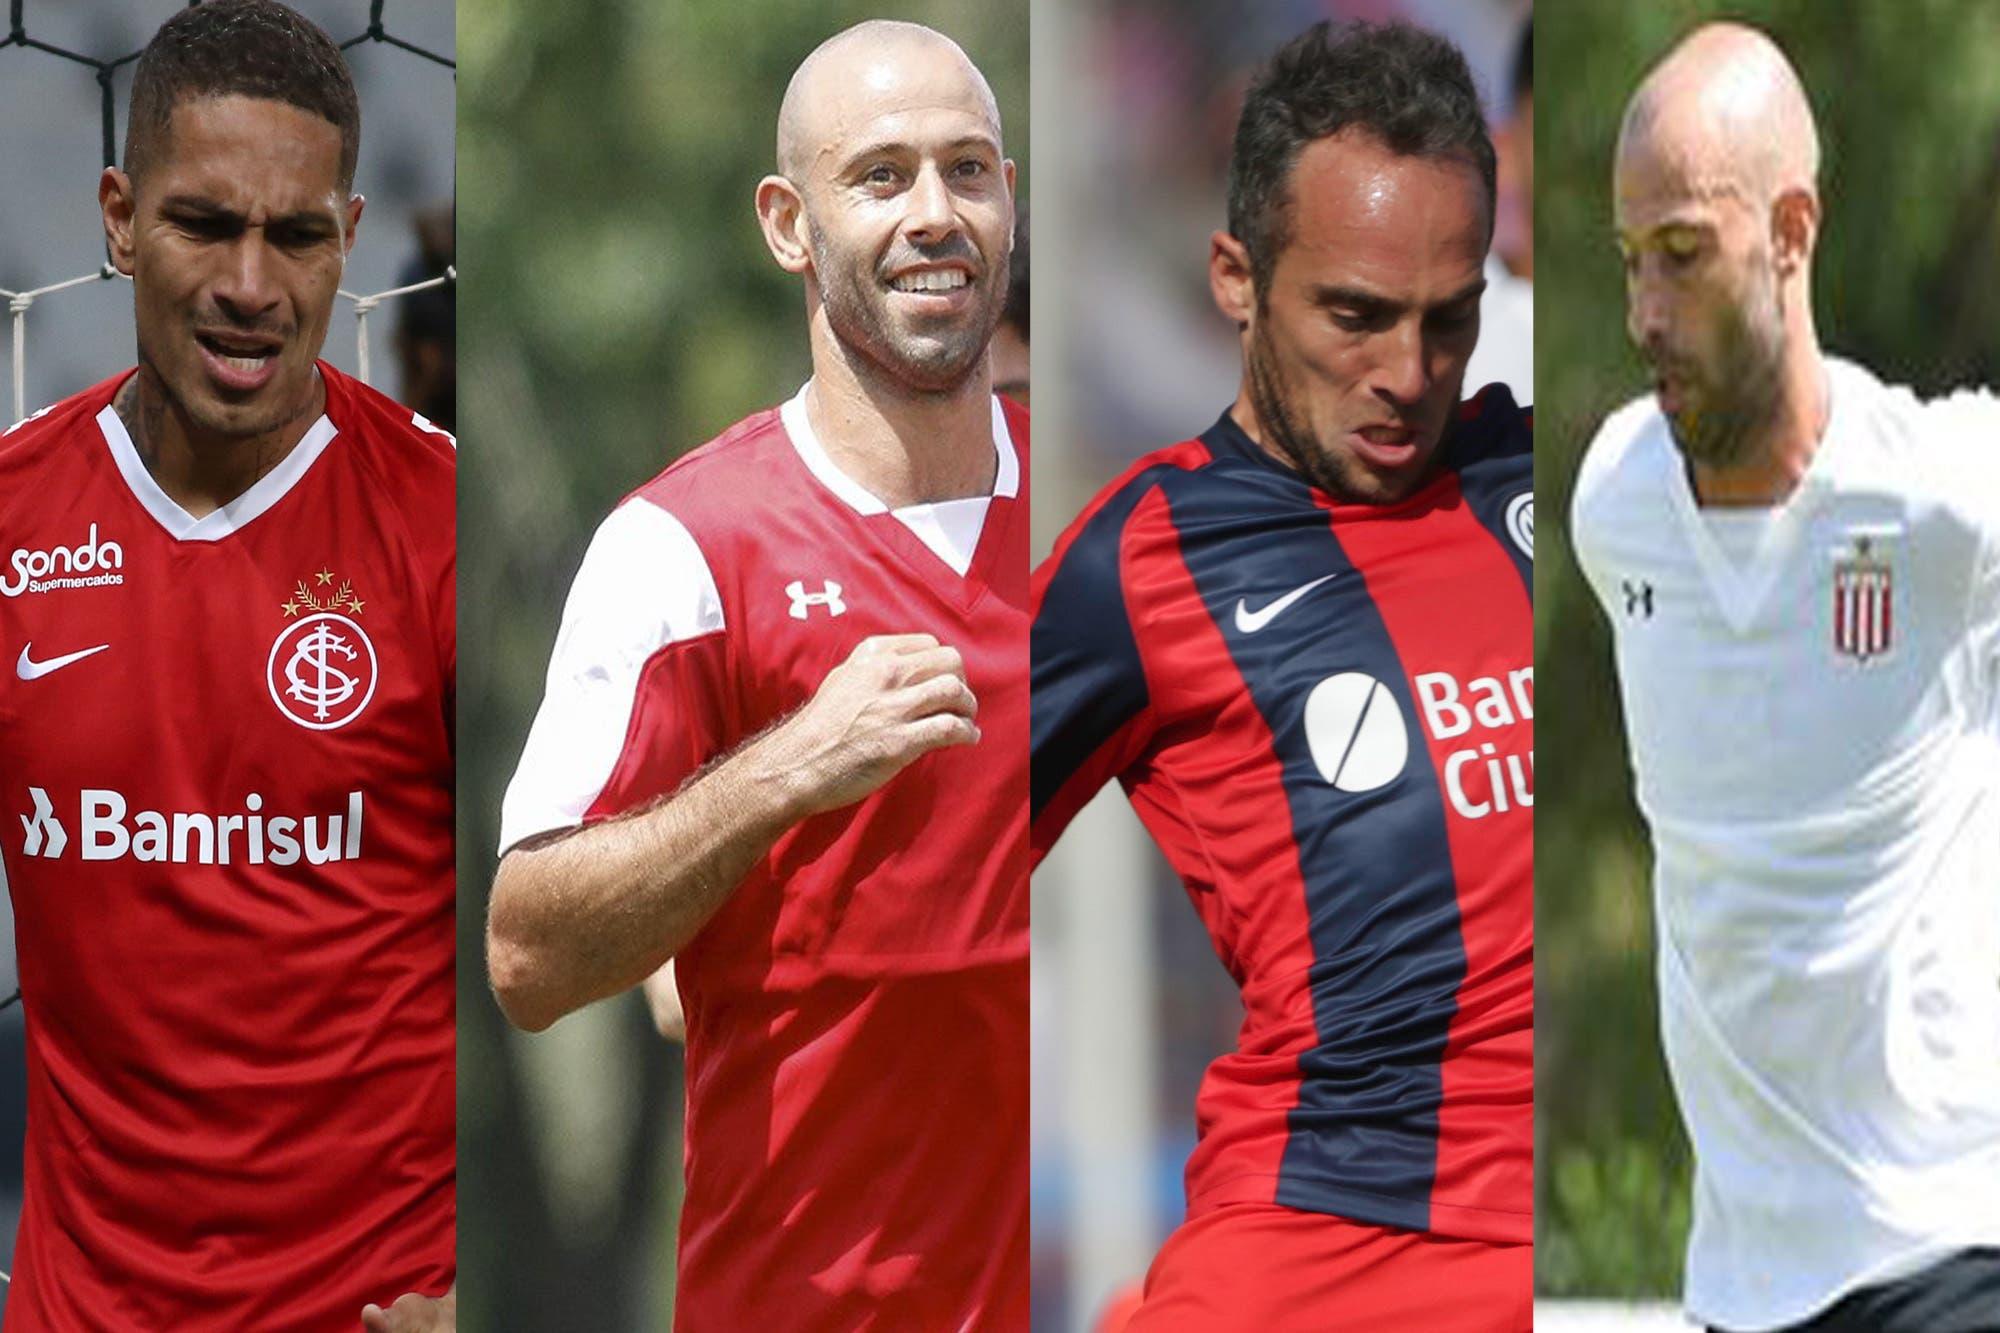 Los Sub 40 de la Superliga: Mascherano, Belluschi, Guerrero…, ¿qué tienen los veteranos?